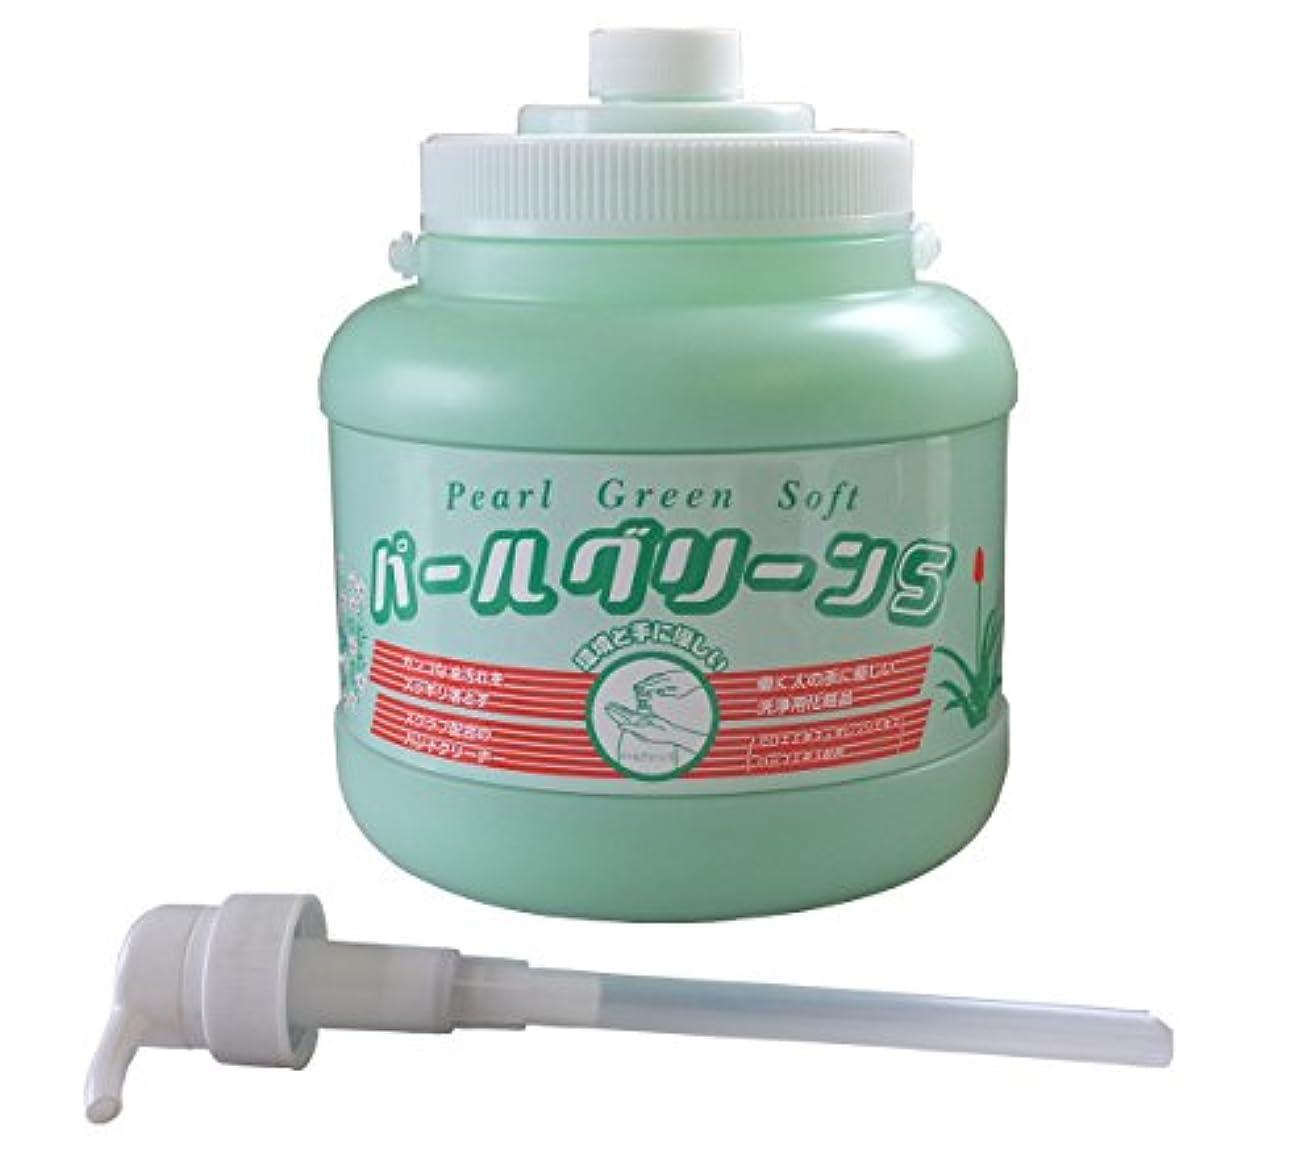 行時間病手の油汚れを水なしで素早く落とす!環境を考えた手に優しいハンドクリーナー!パールグリーンS[ポンプ式]2.5kg×1本